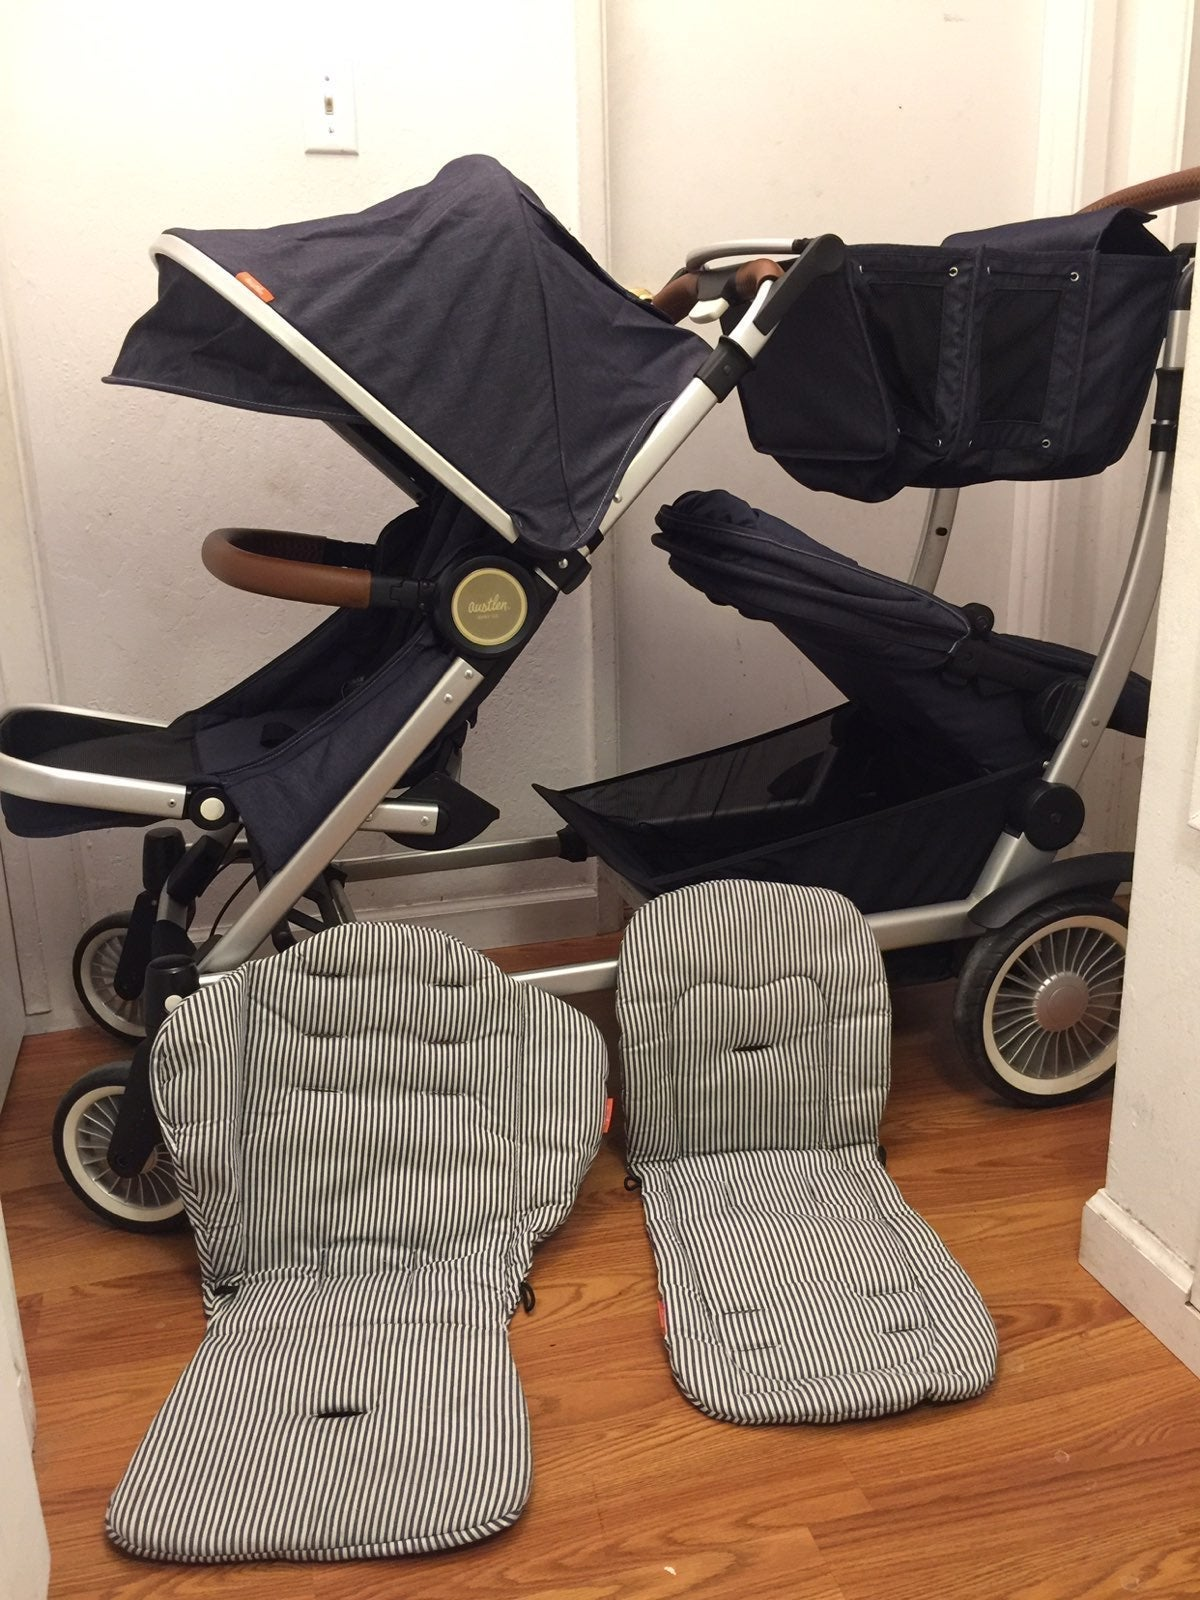 Austlen Double Stroller w/ accessories